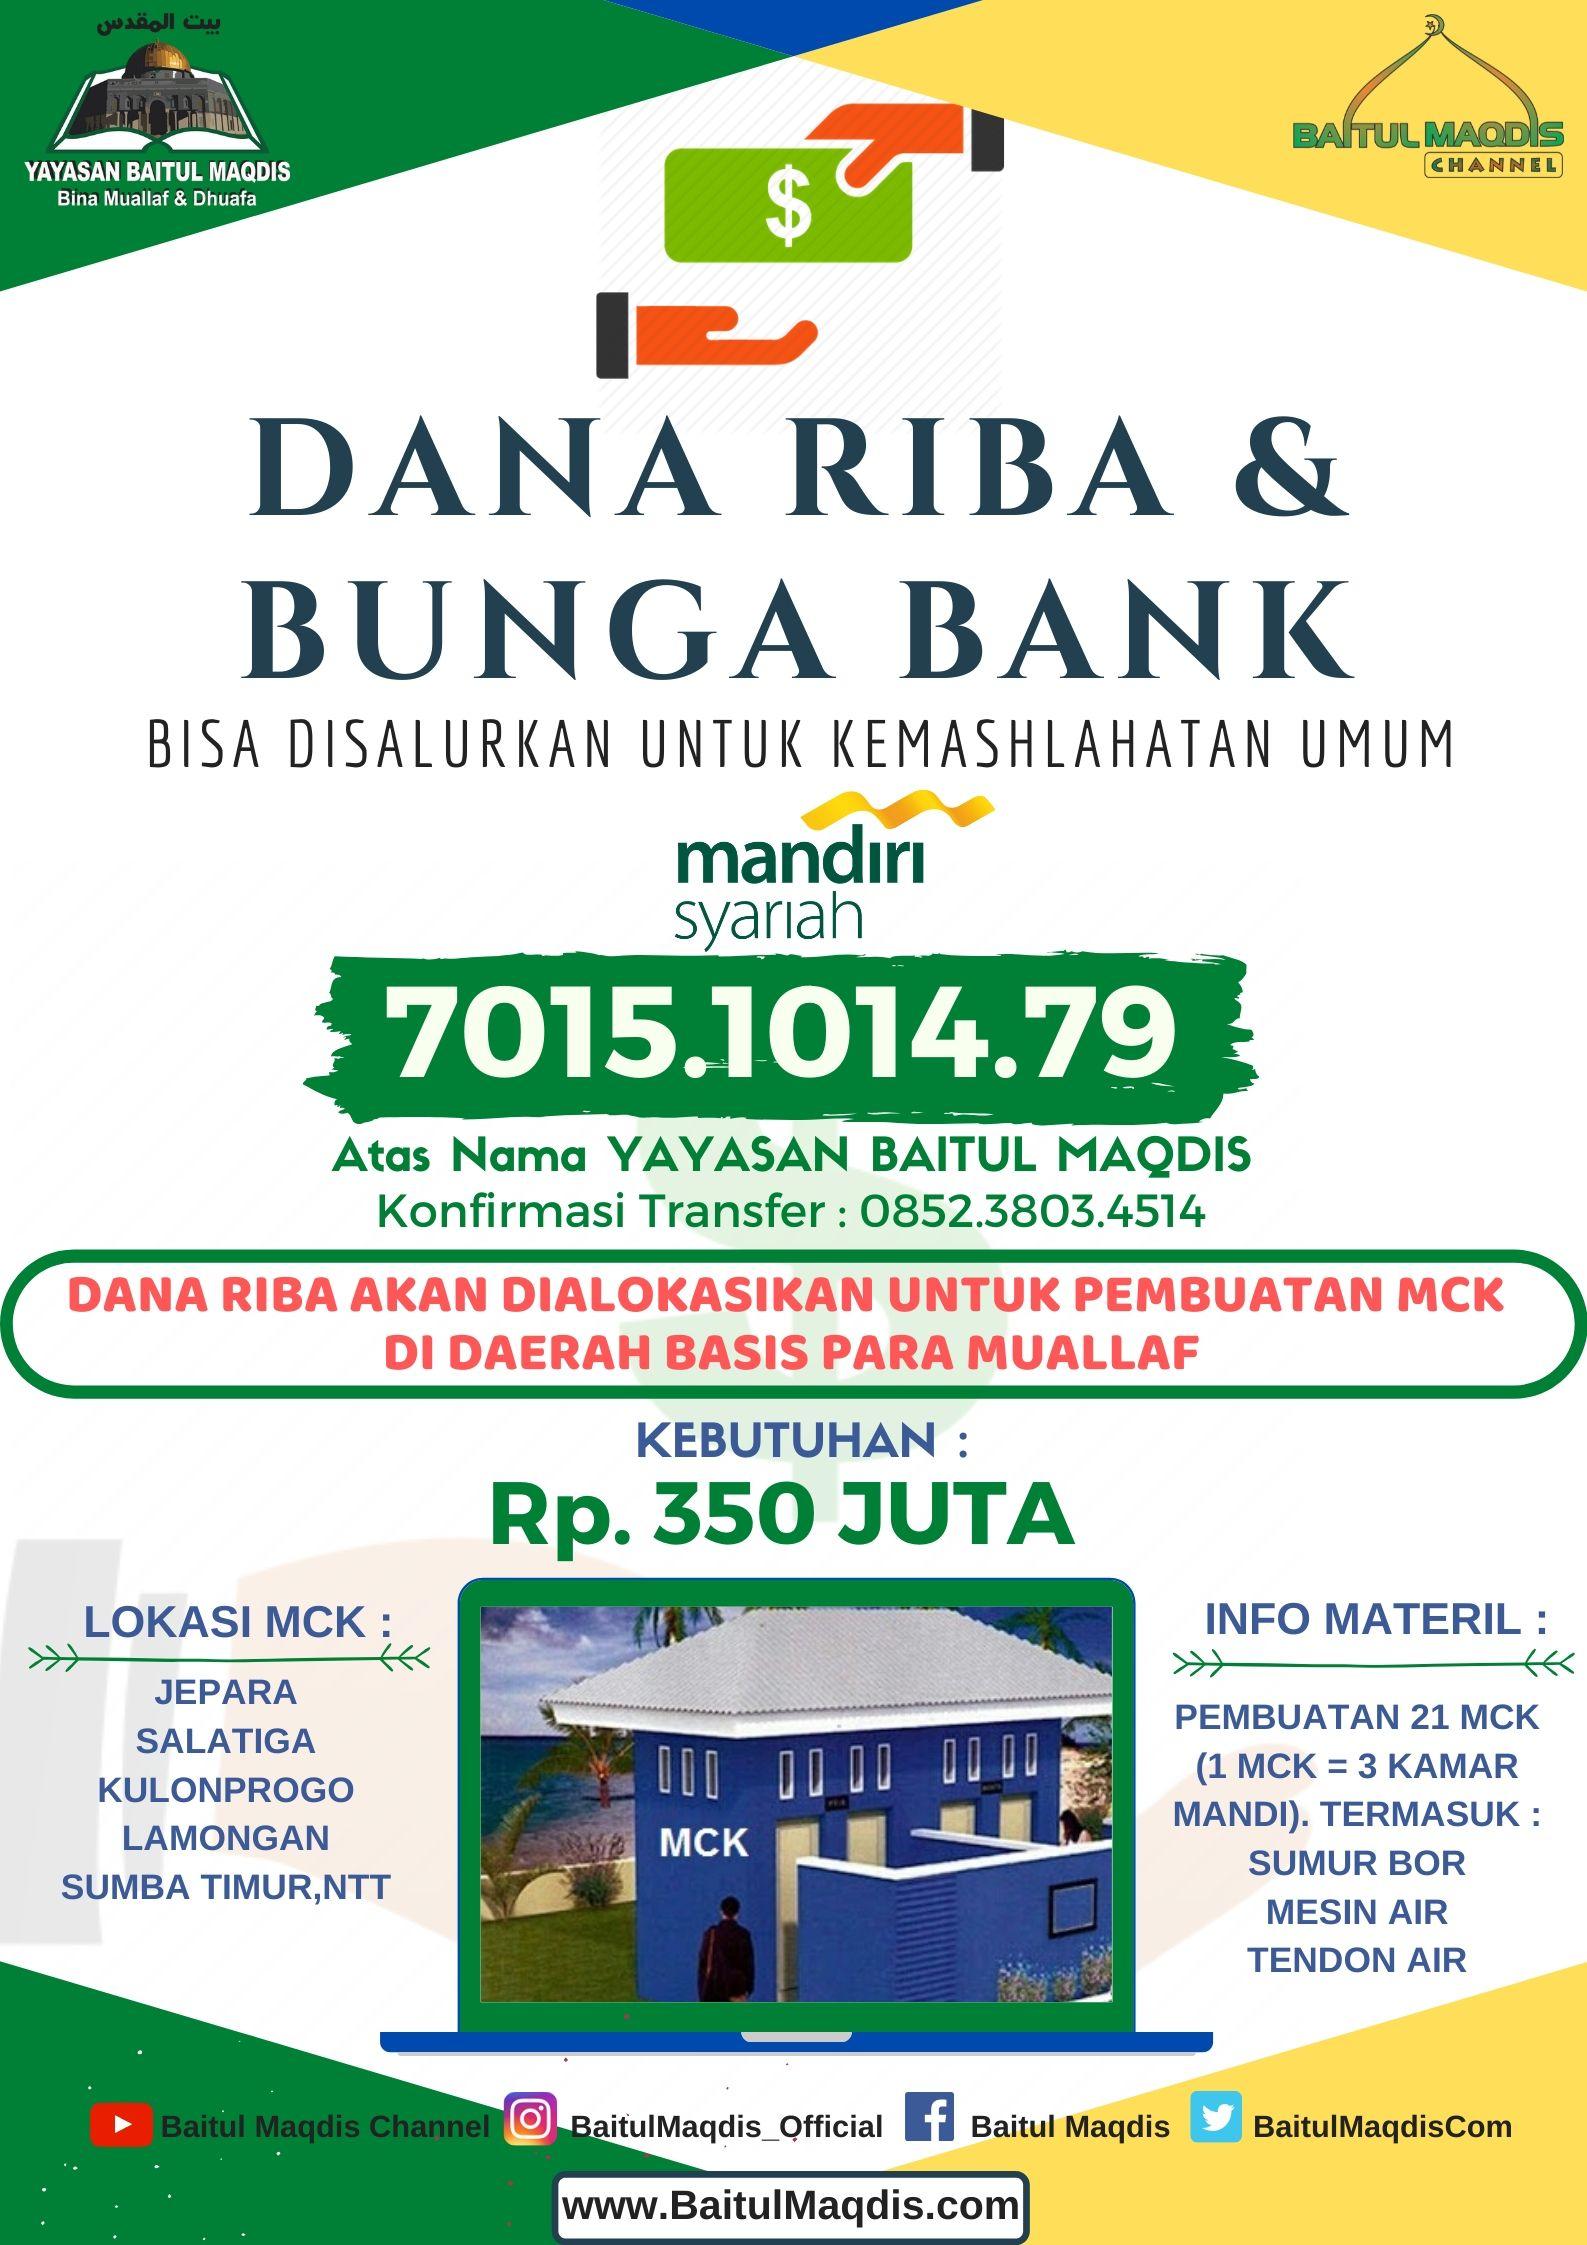 Salurkan Dana Riba / Bunga Bank Anda Untuk Pembangunan Fasilitas Umum